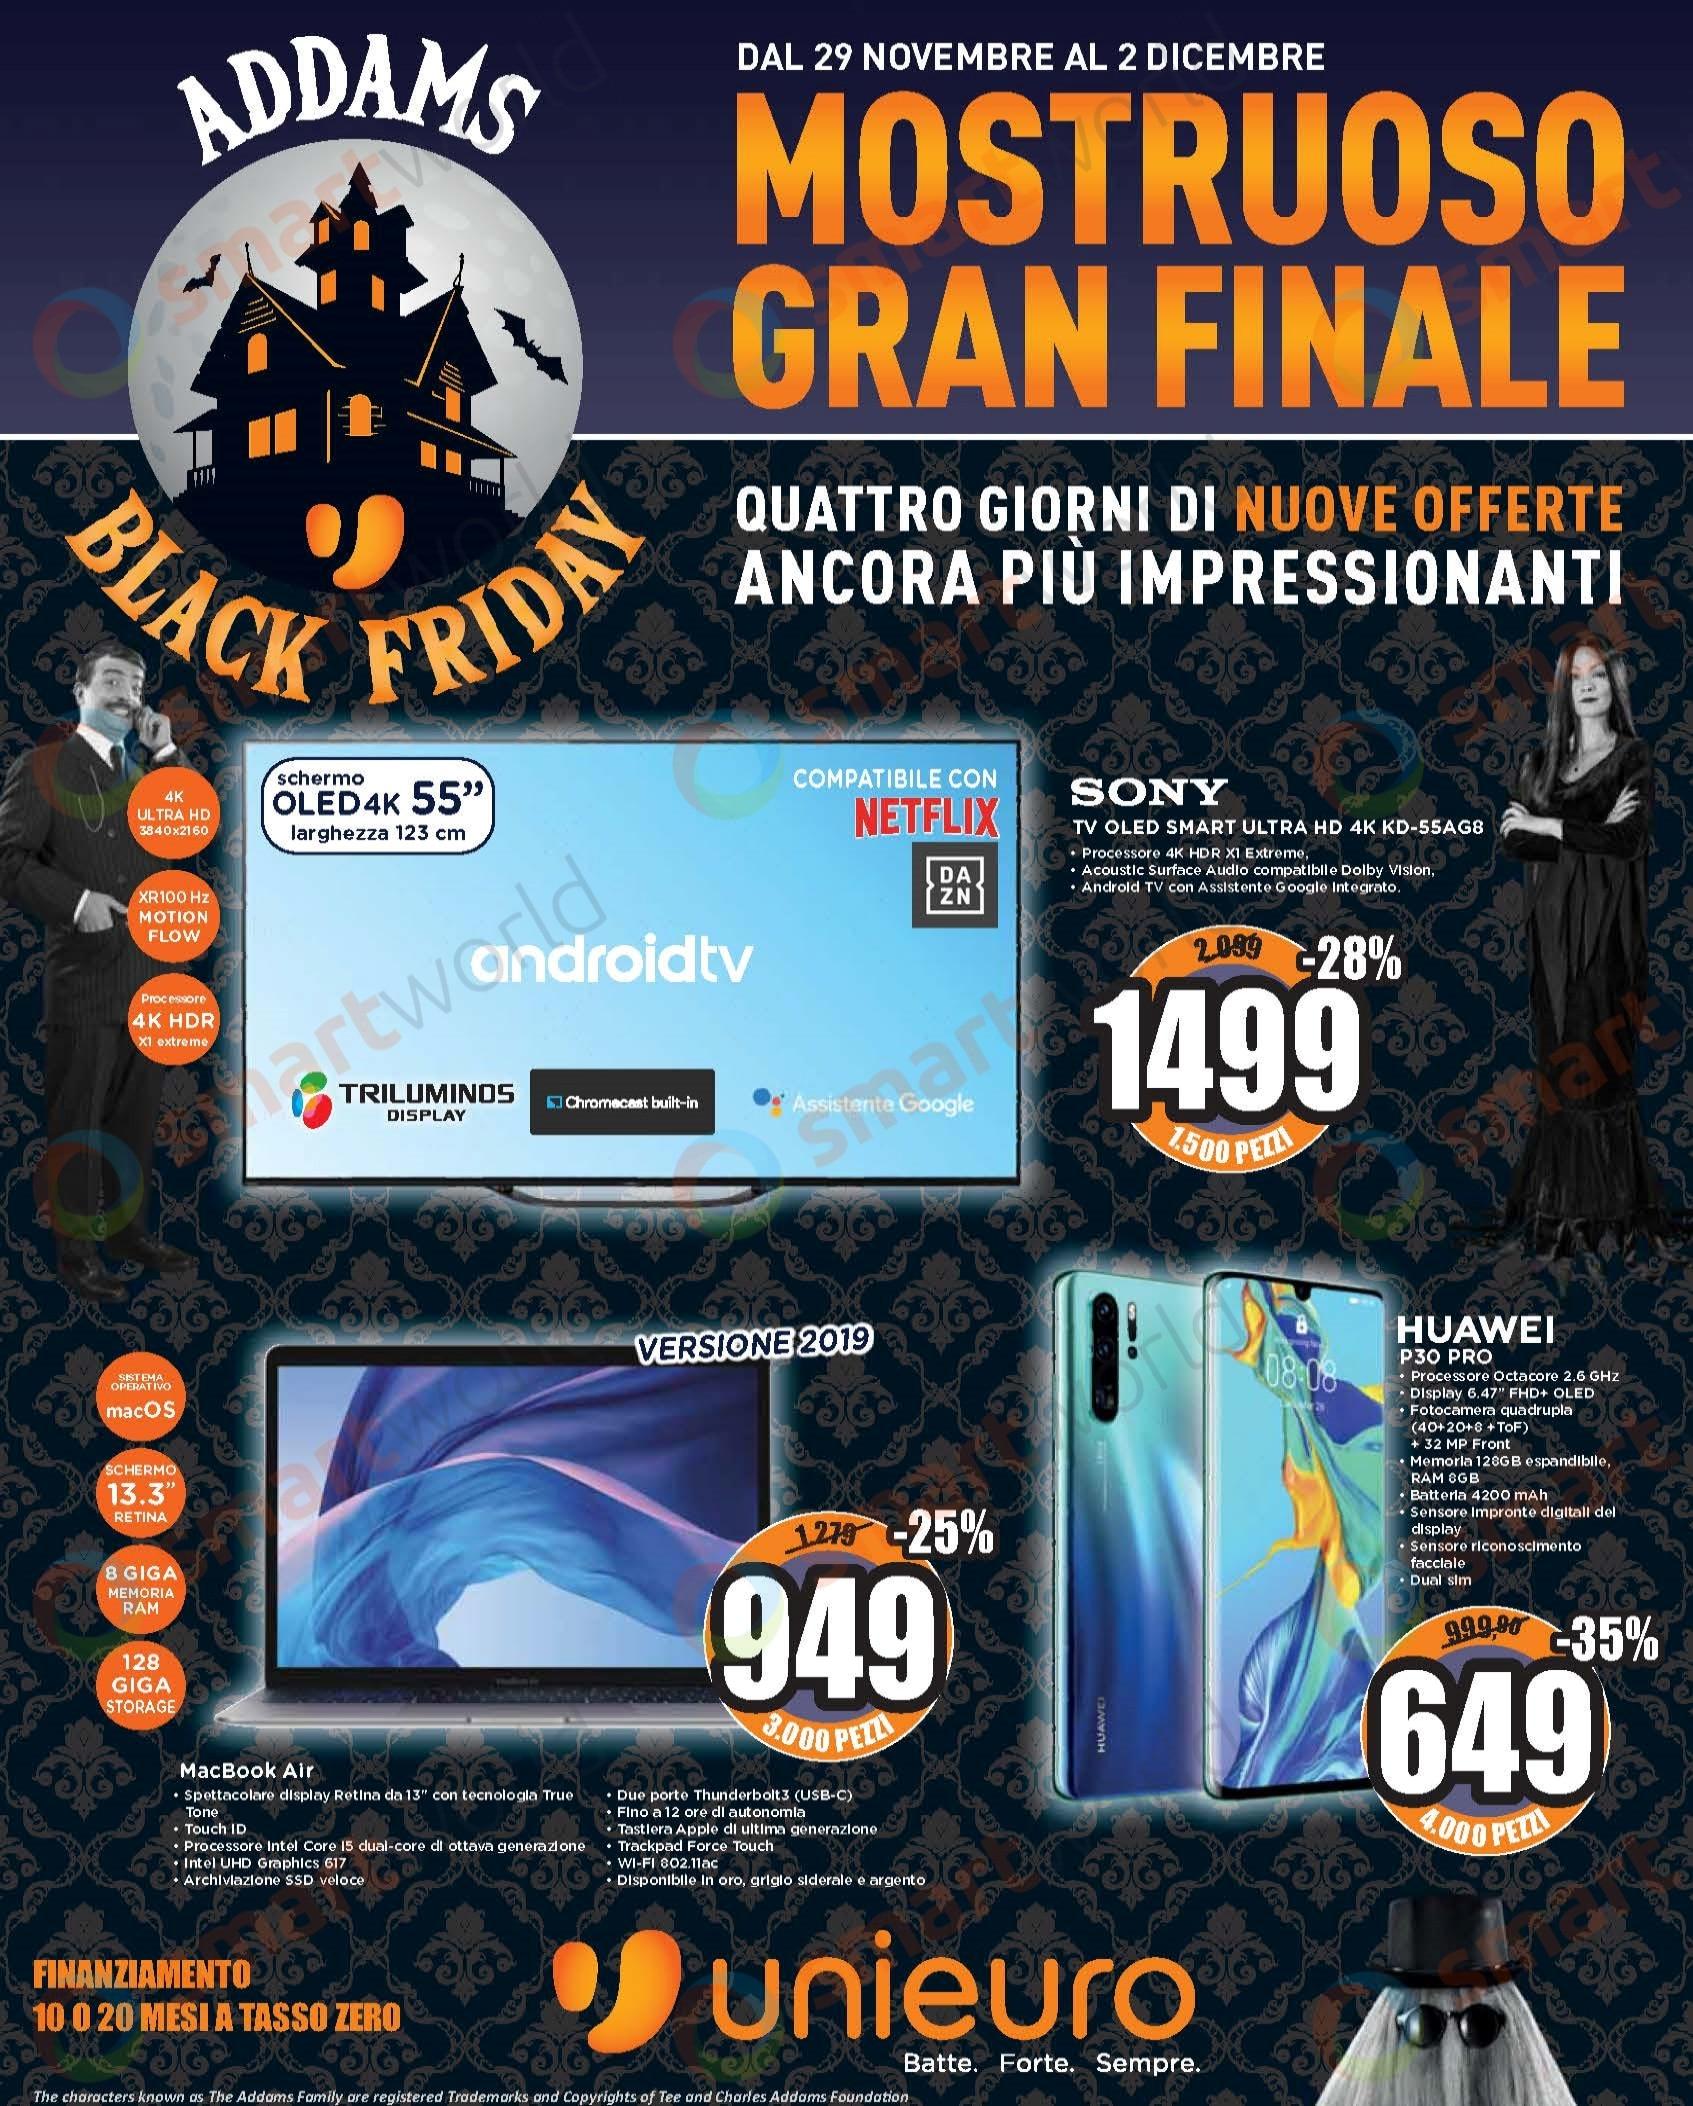 Volantino unieuro black friday gran finale (1)